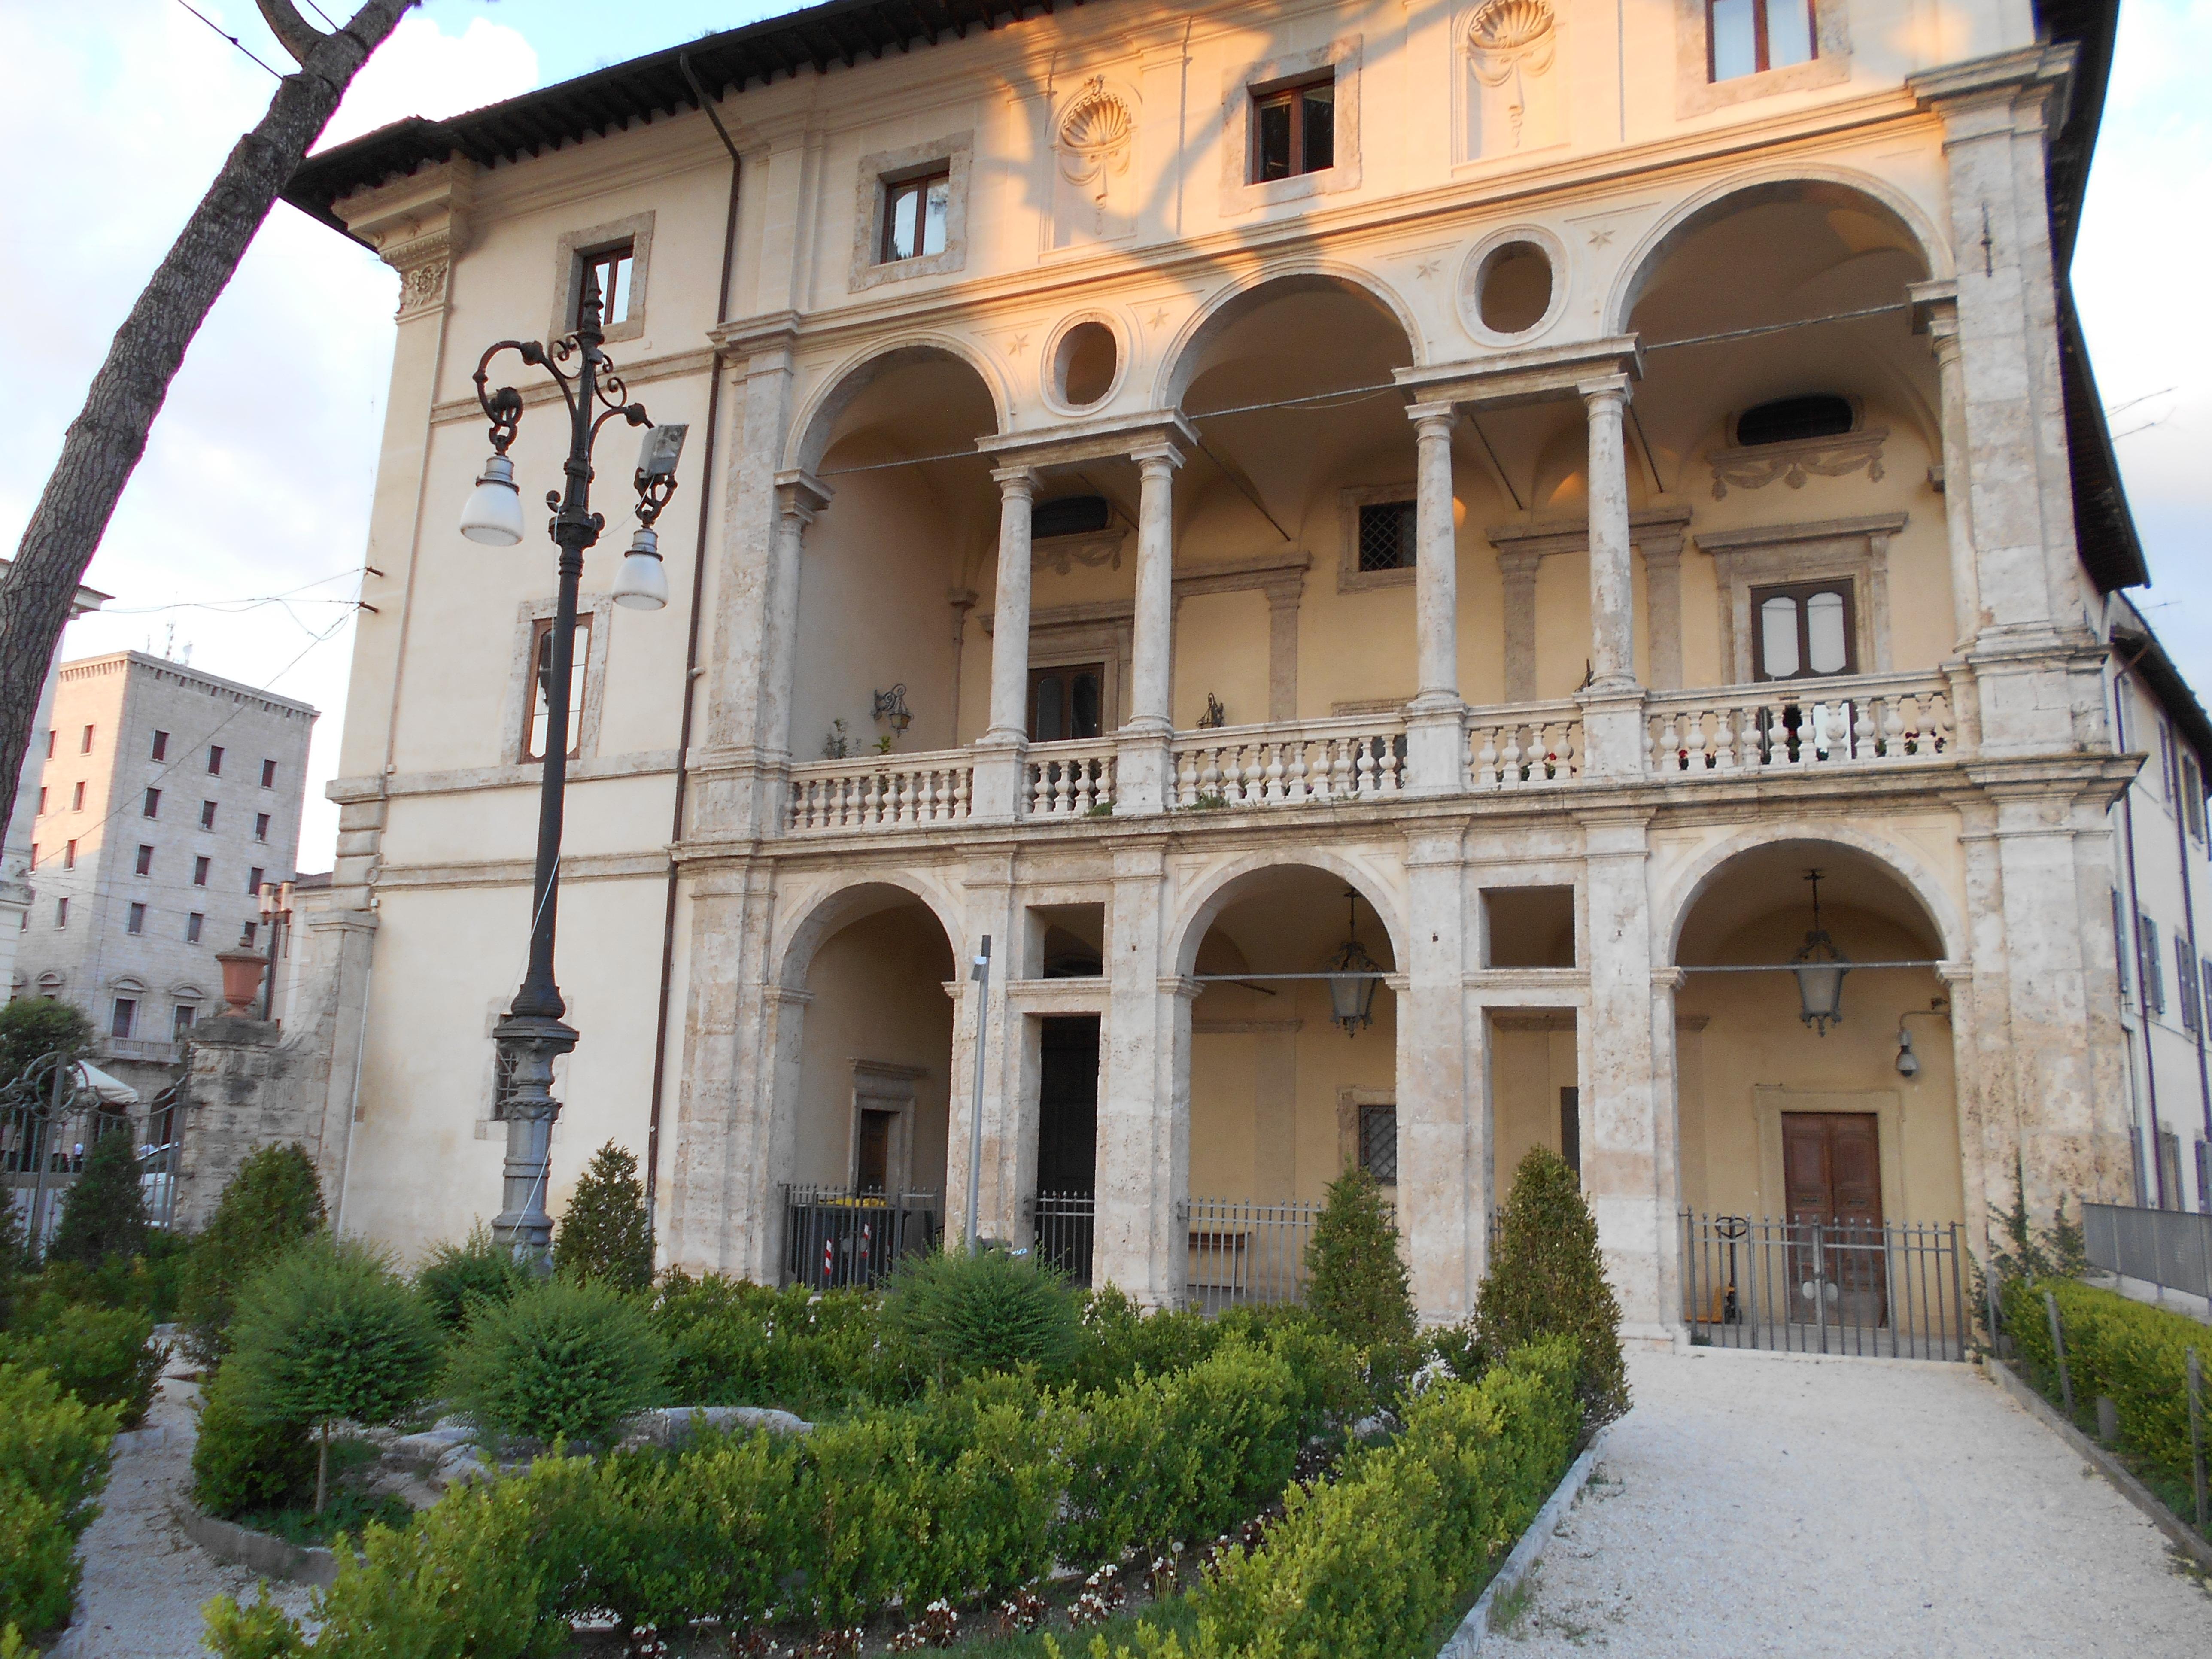 Rieti, Italy / Kimberly Sullivan